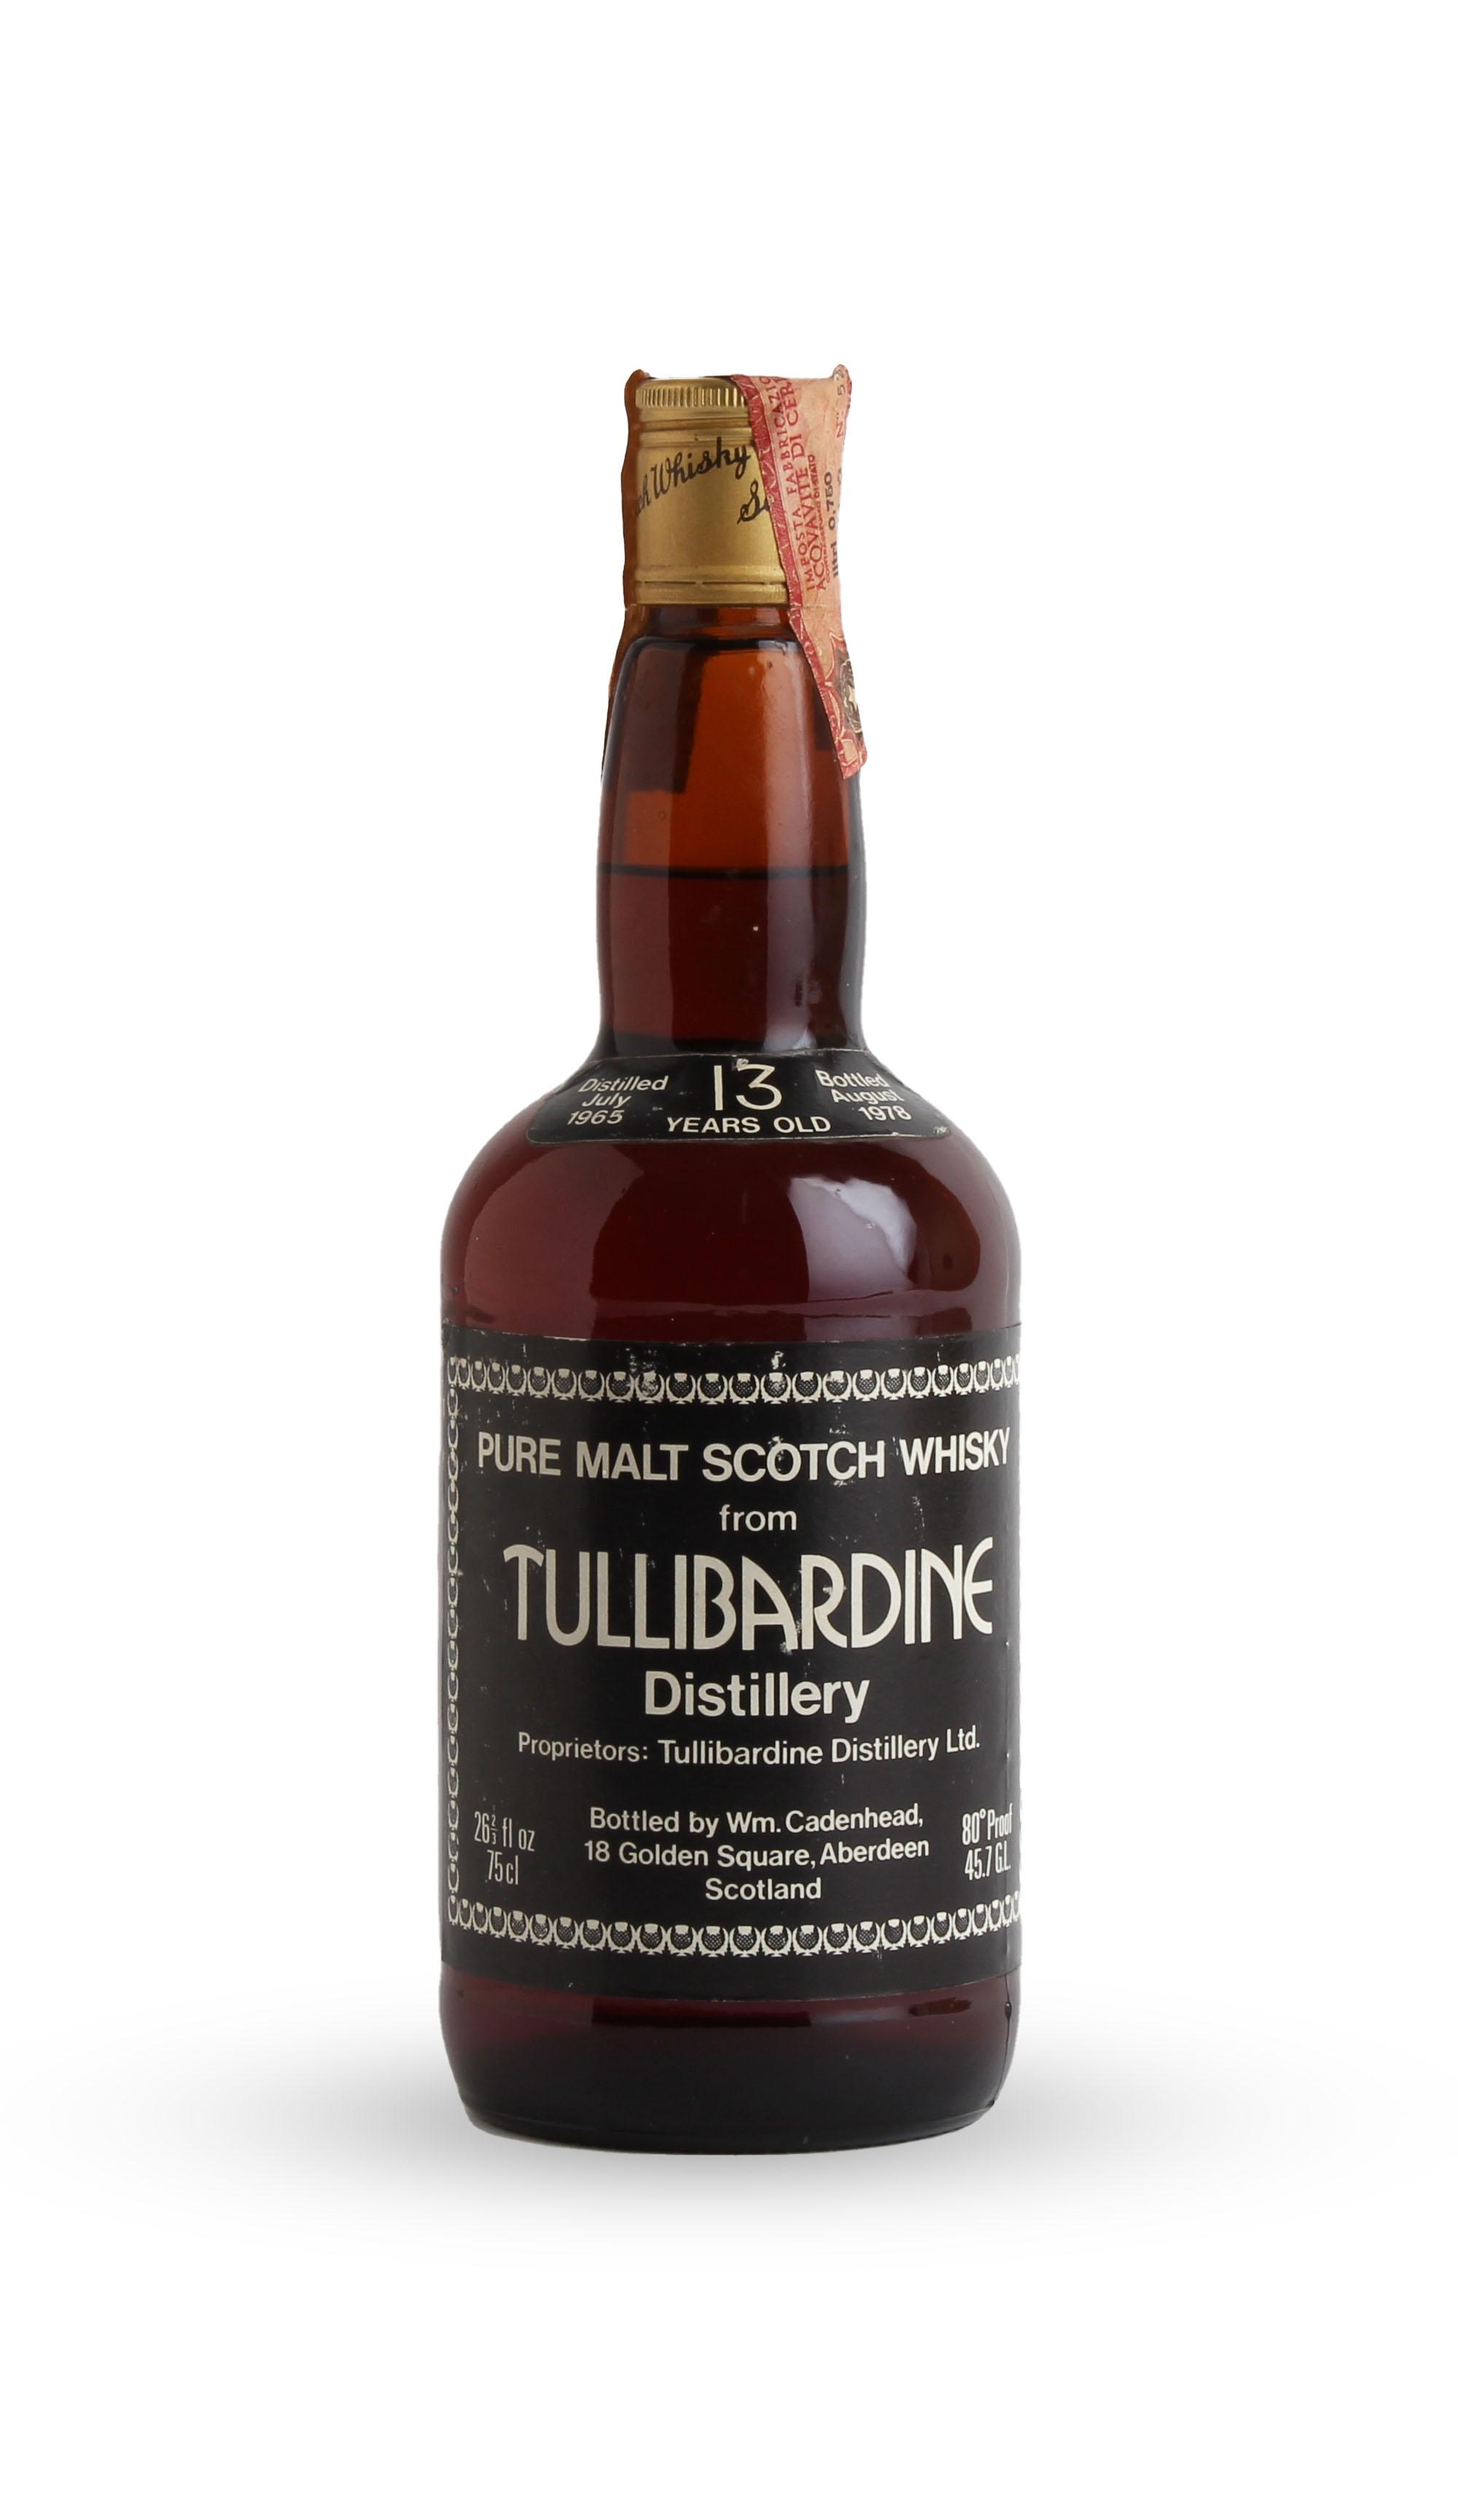 Tullibardine-13 years old-1965